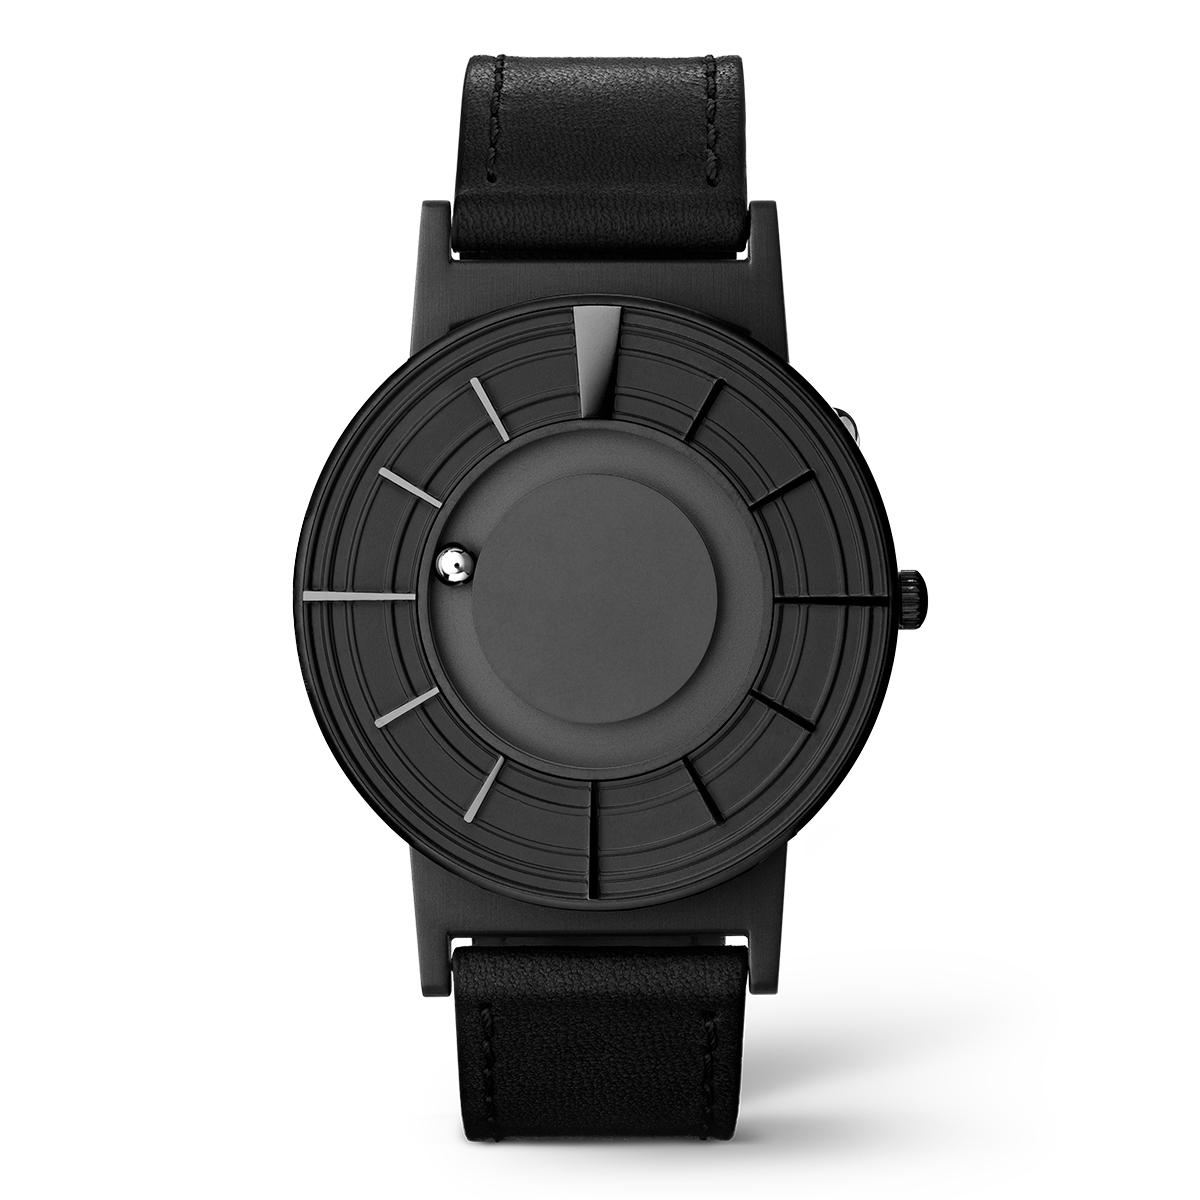 新たなデザインアプローチで時間と向き合ったモデル、エッジの効いたオールブラックの「腕時計」 | EONE《EDGE》